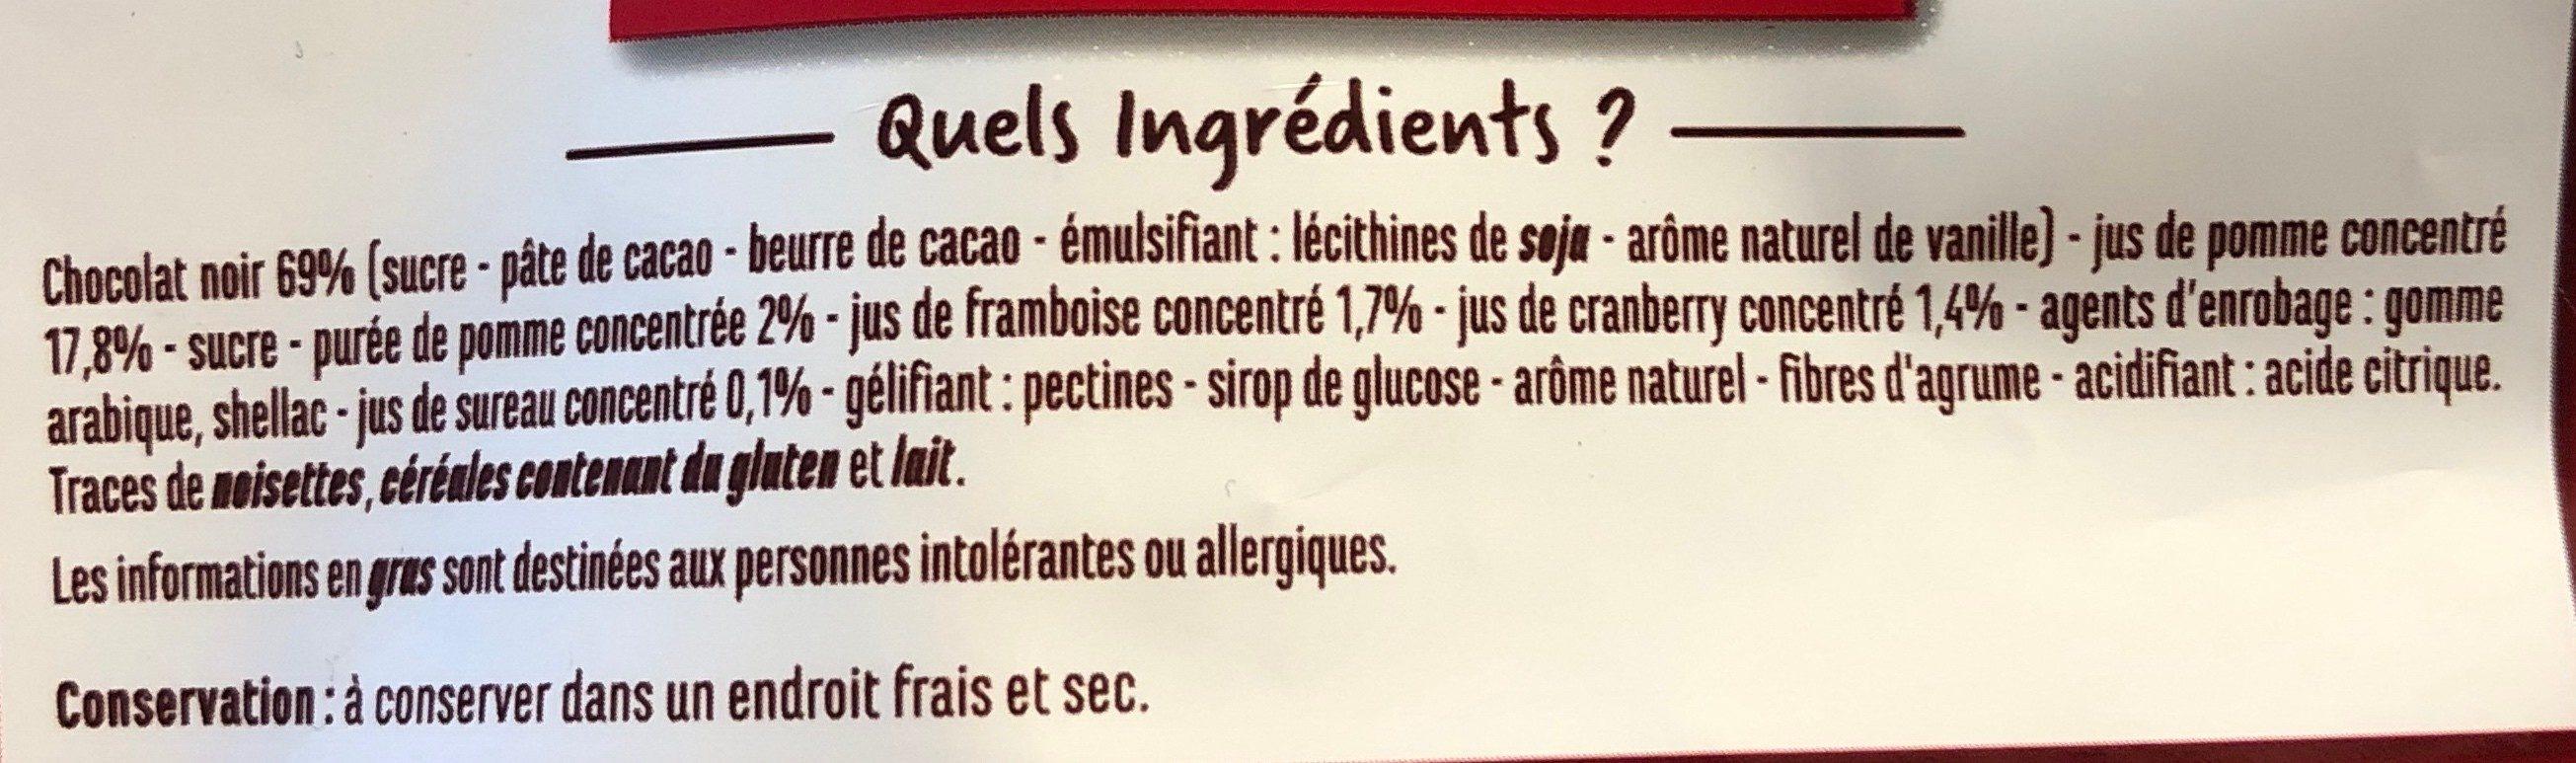 Les gourmandises chocolat noir et fruits - Framboise et cranberries - Ingredients